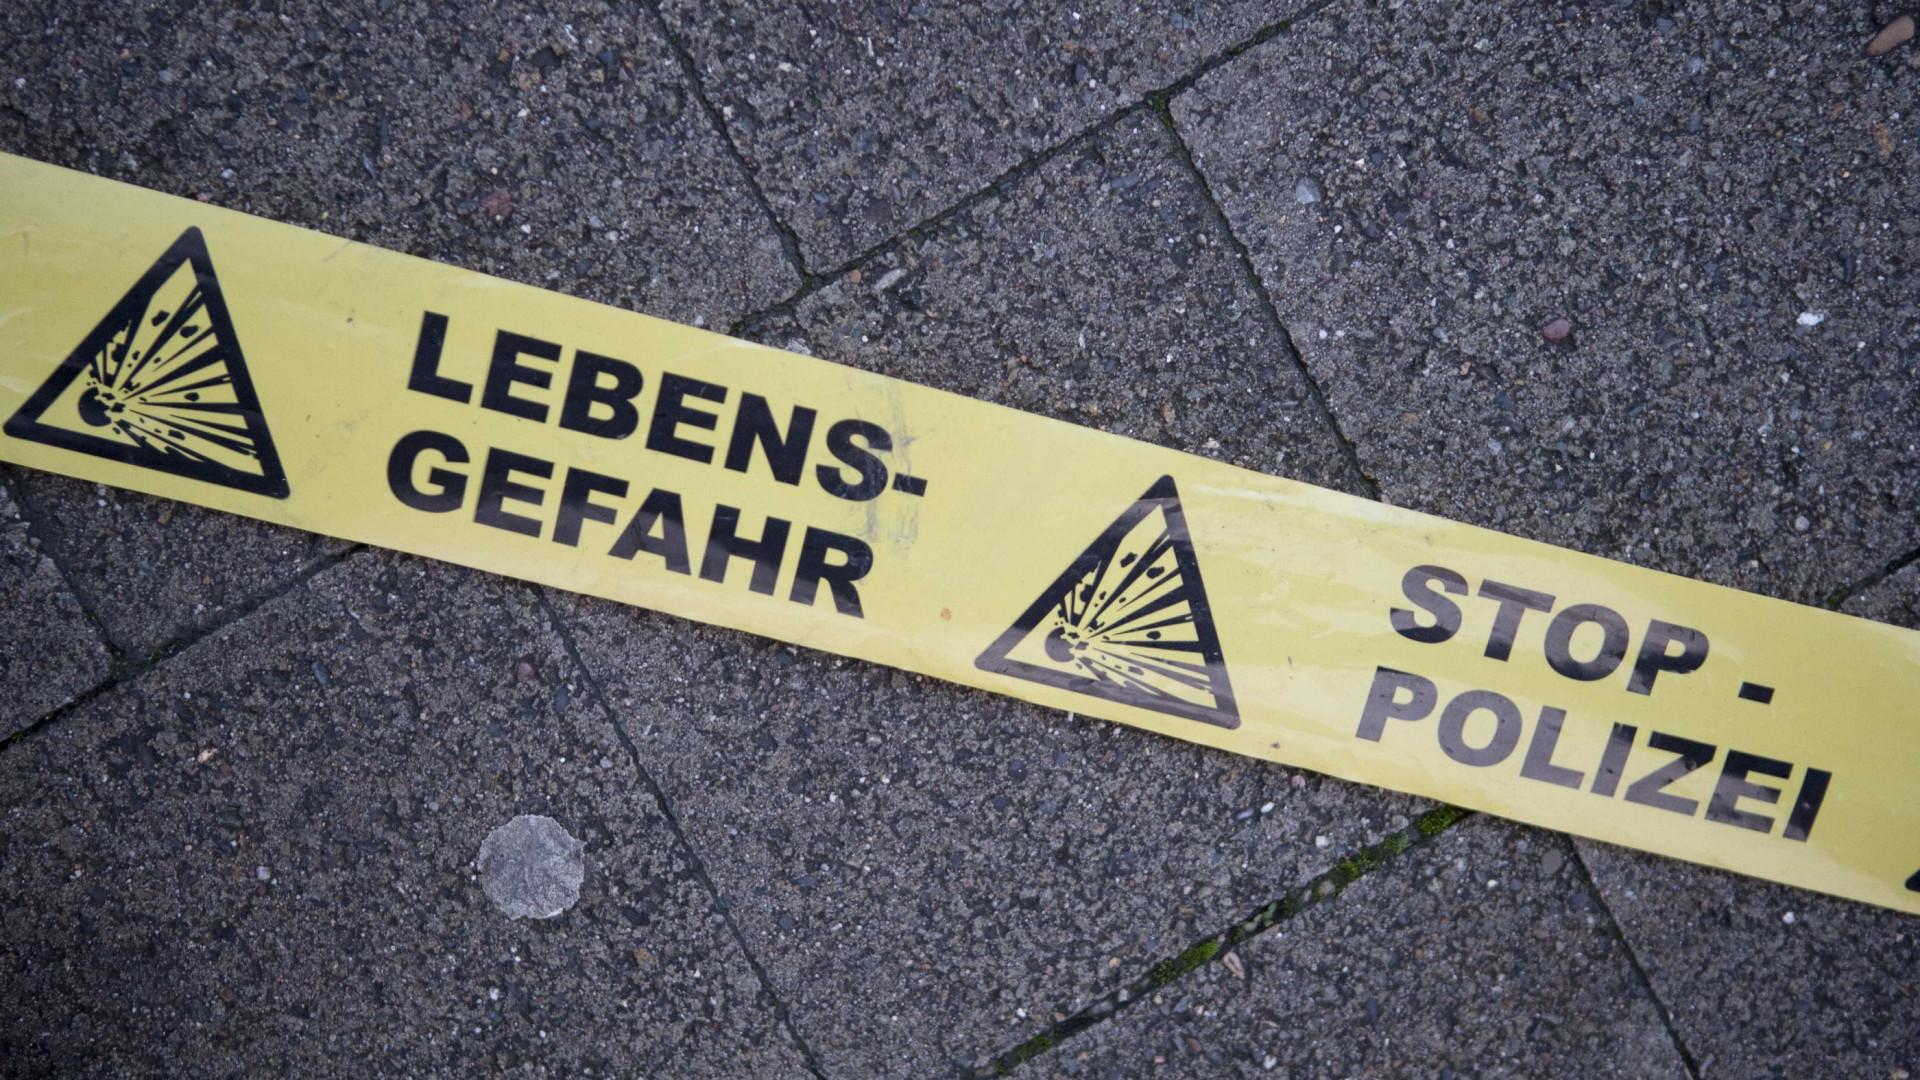 Cinco tribunais evacuados na Alemanha devido a ameaça de bomba